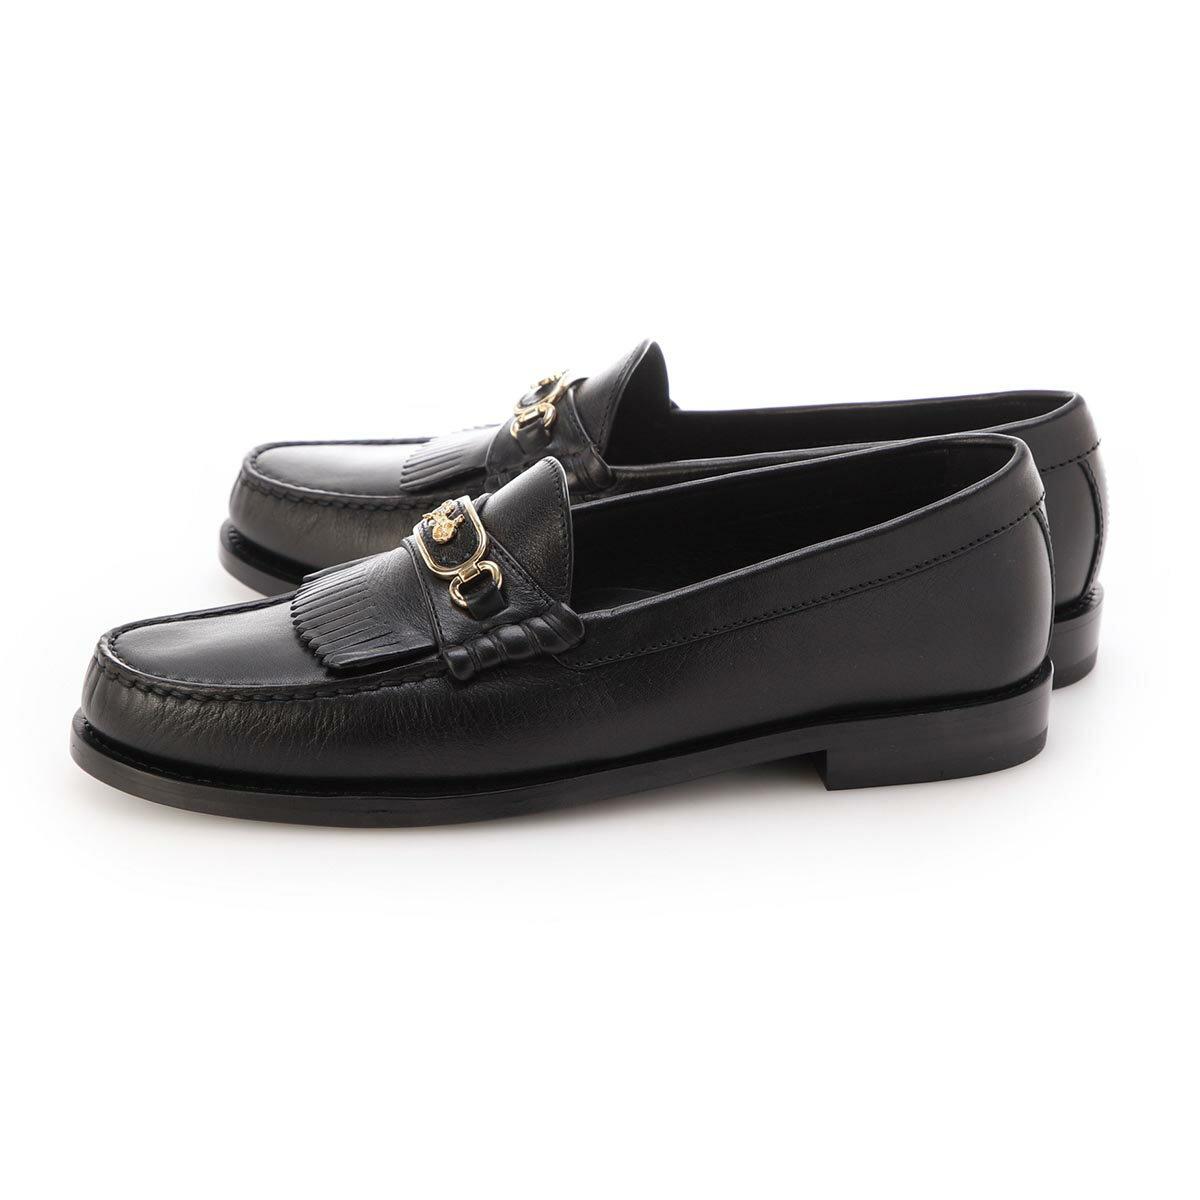 レディース靴, ローファー  CELINE 34222 3190c 38no LUCO 2021SS